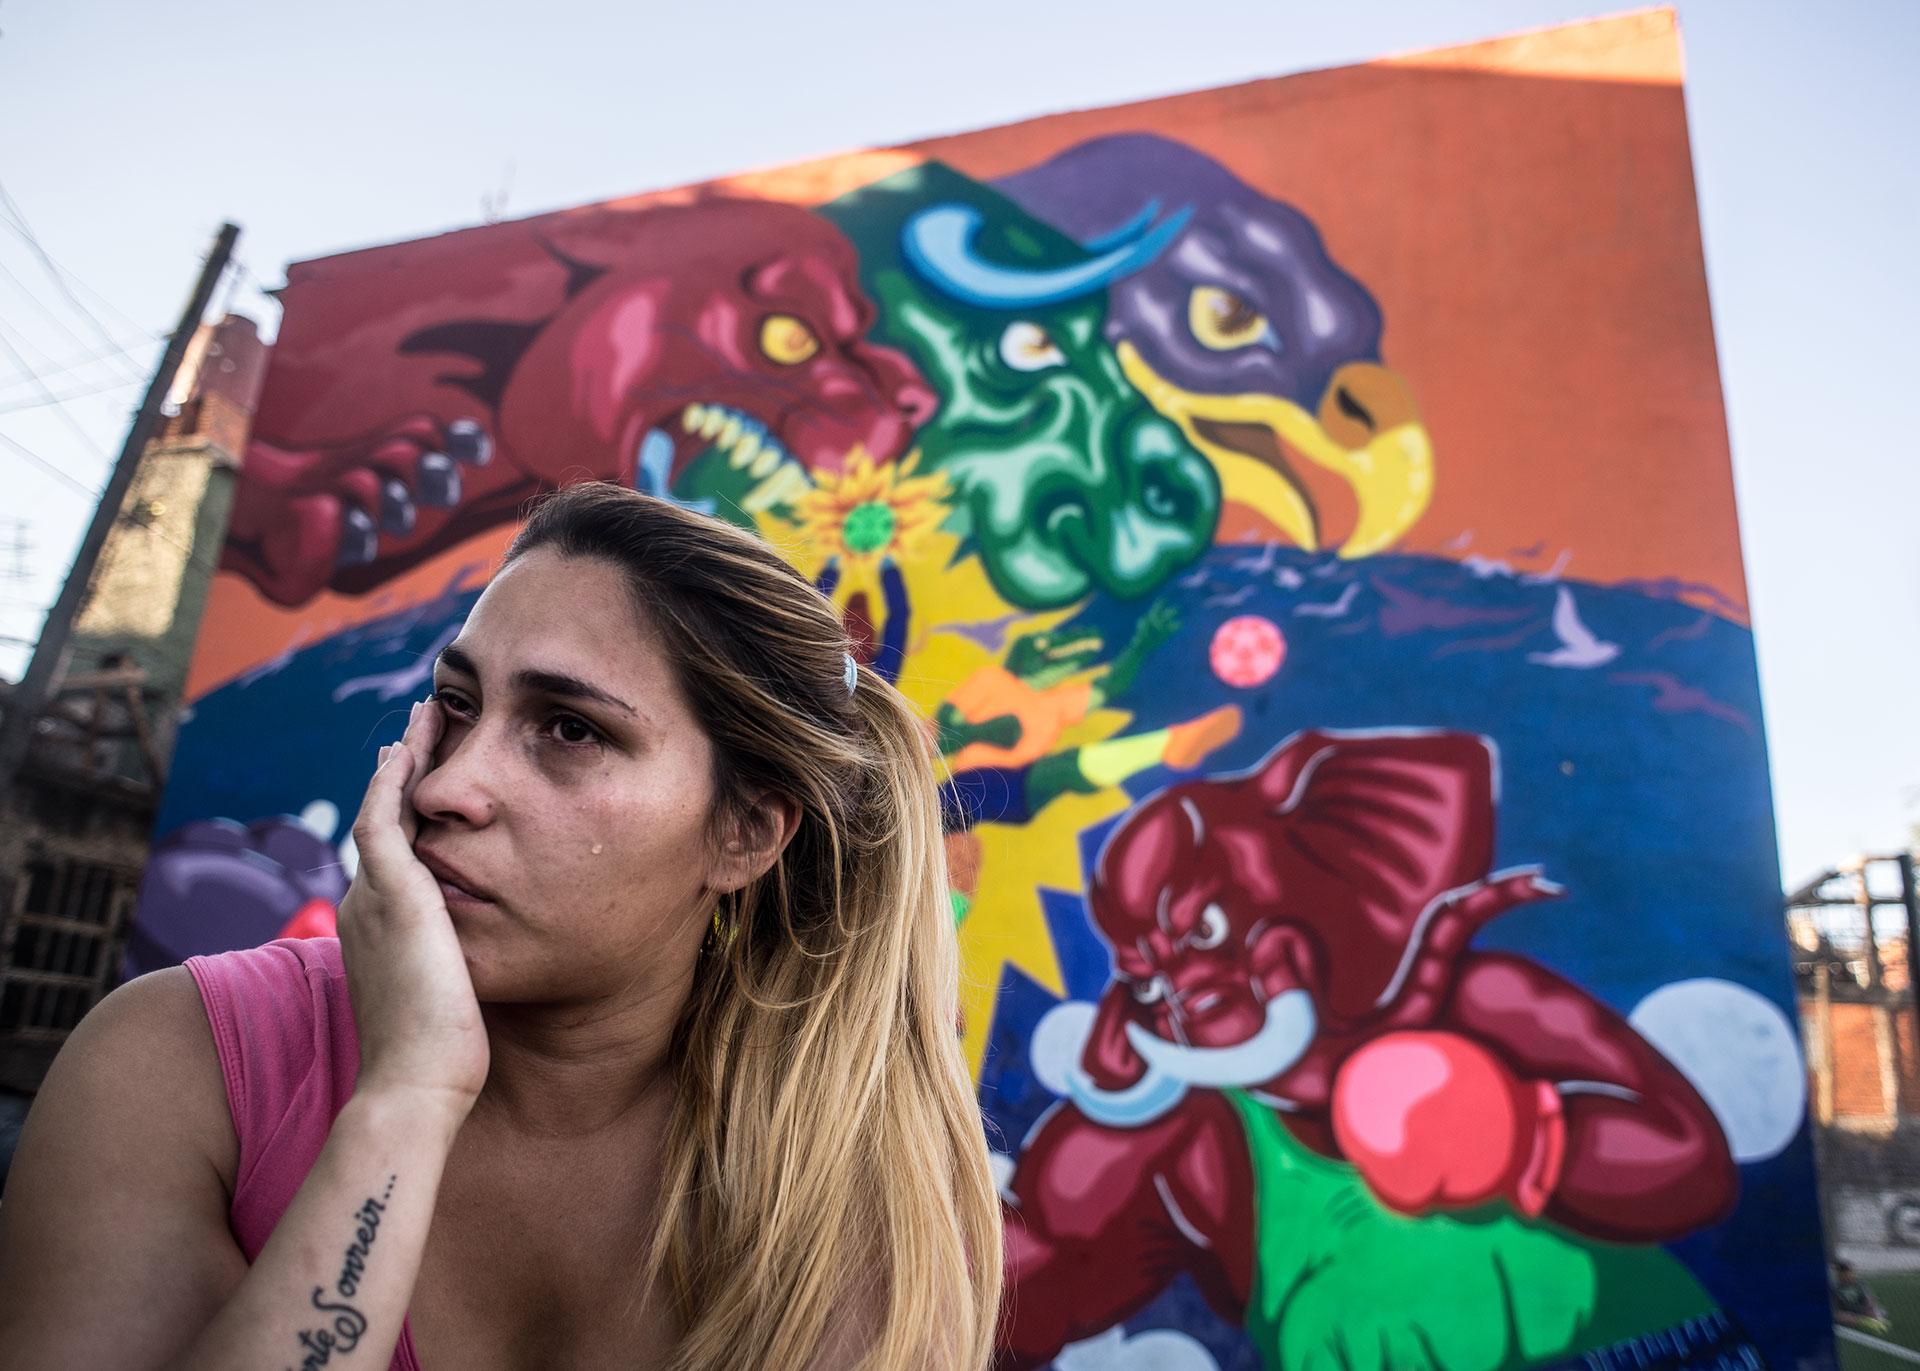 Carla Canteros, de 26 años, llora después de una pelea doméstica con su novio que la golpeó. Pasó la mayor parte de su vida, después de la pérdida de sus padres y abuelos, sola, sin hogar y sin dinero. Ella siempre dependía de su novio. En una de esas peleas que fue terriblemente violenta, la acosó y la golpeó cuando estaba embarazada.